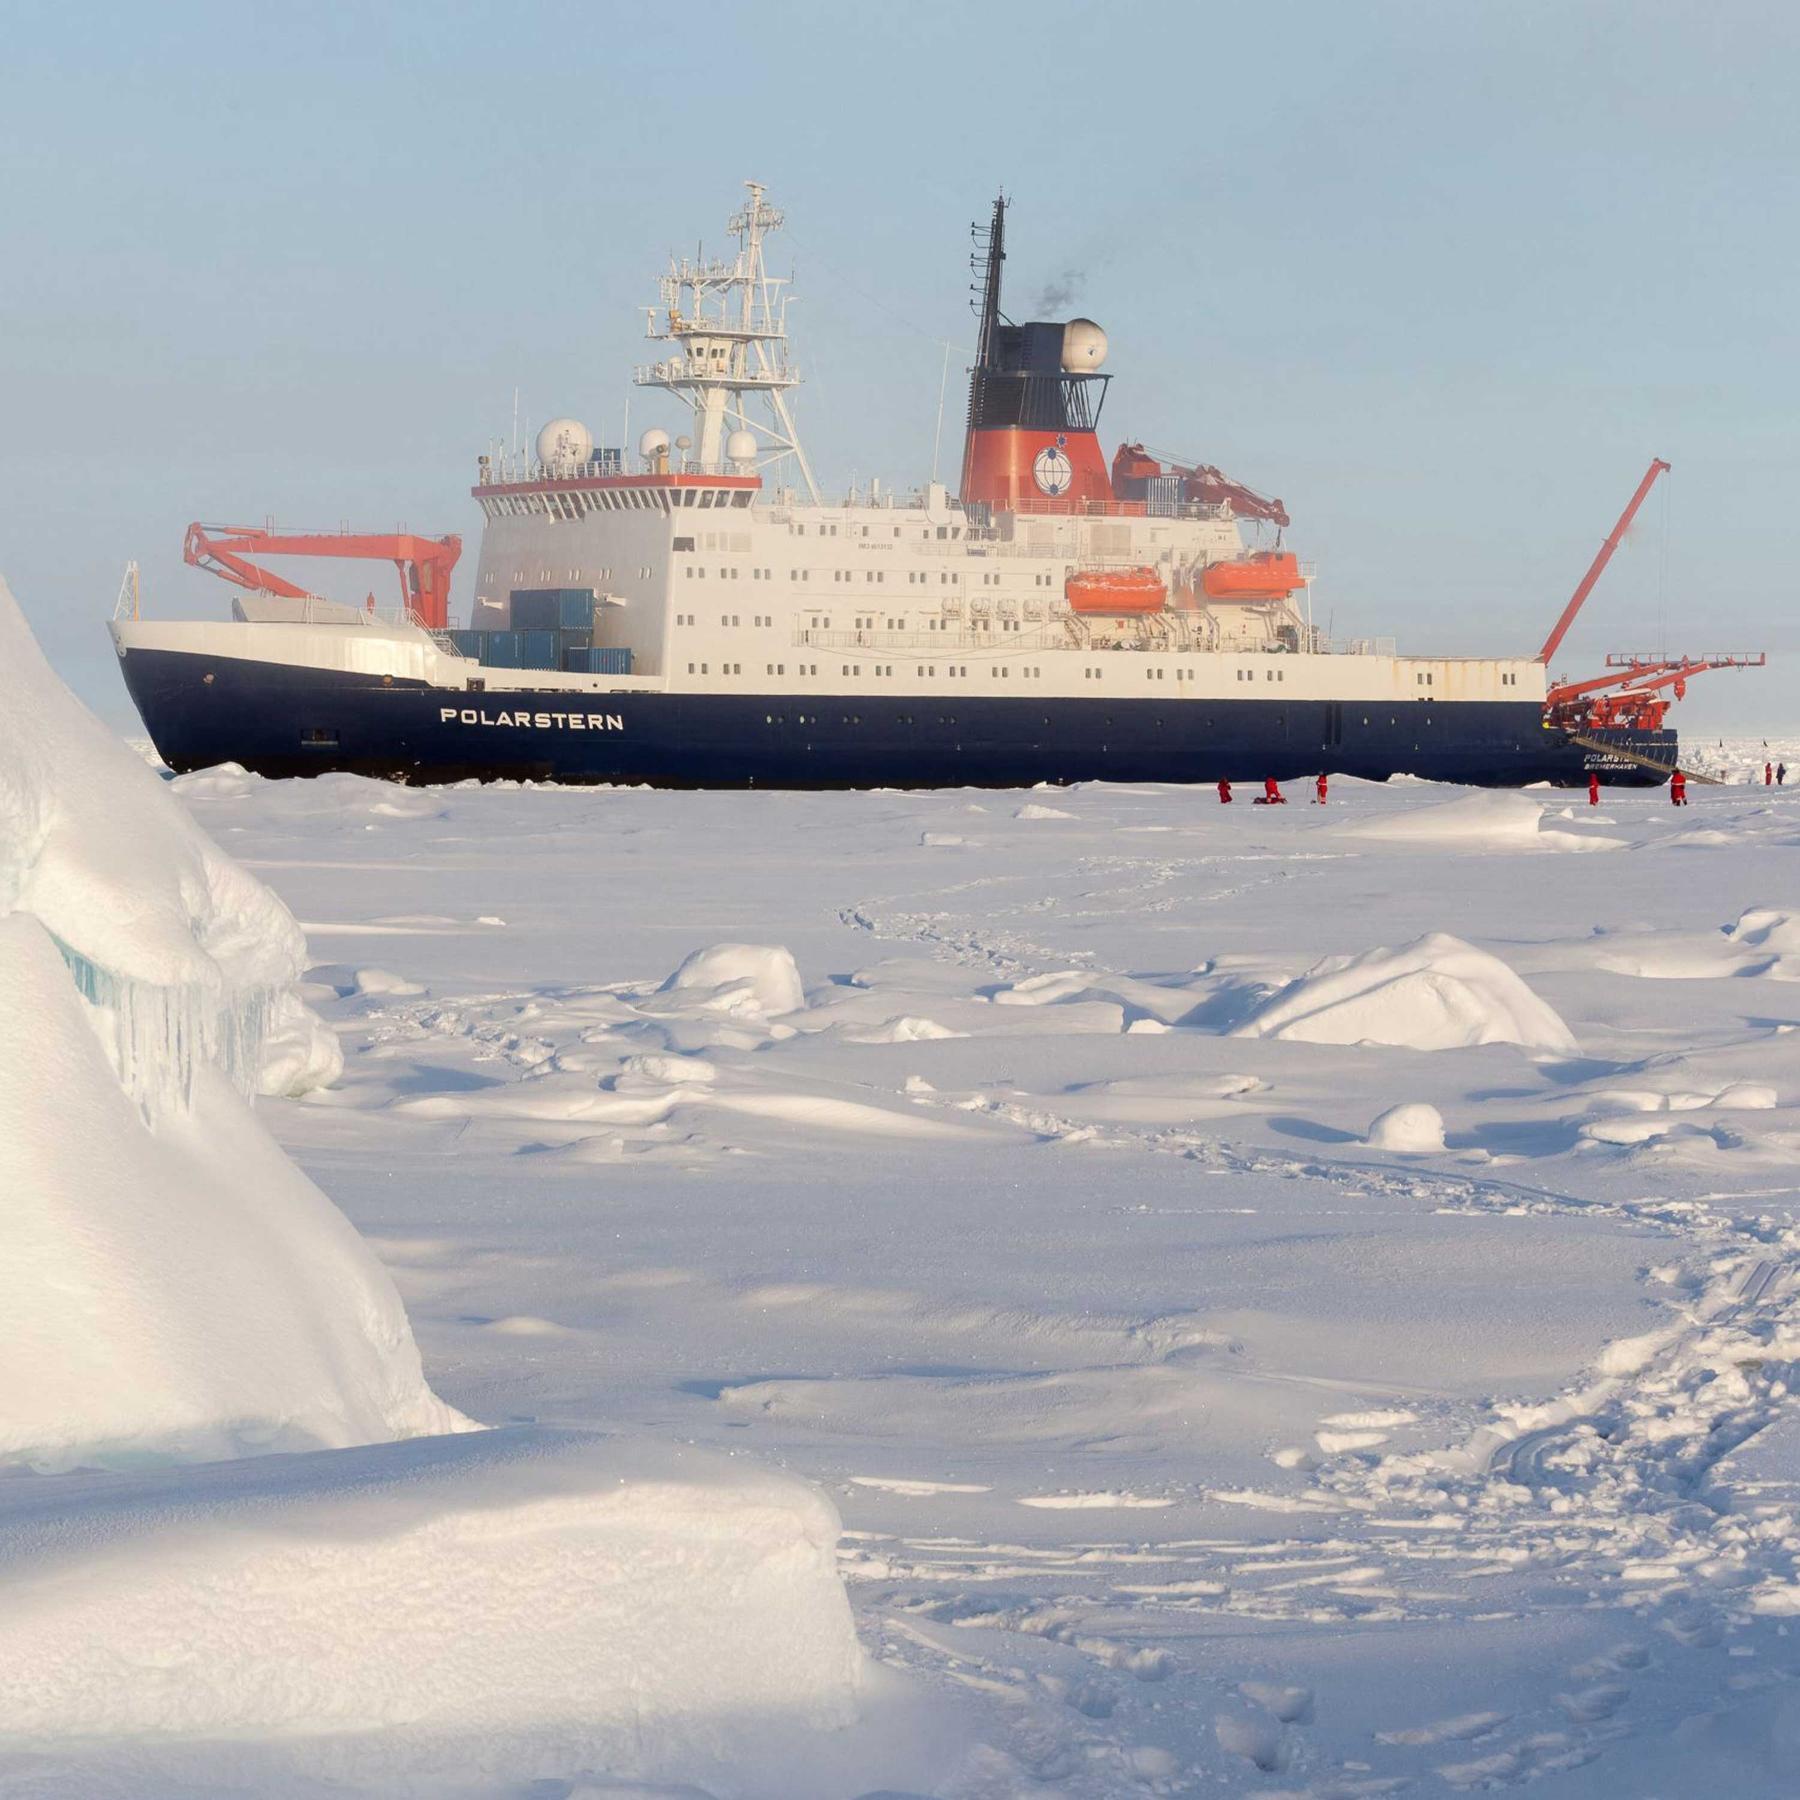 """Antarktis-Expedition - Forschungsschiff """"Polarstern"""" erkundet erstaunliche Lebensvielfalt"""